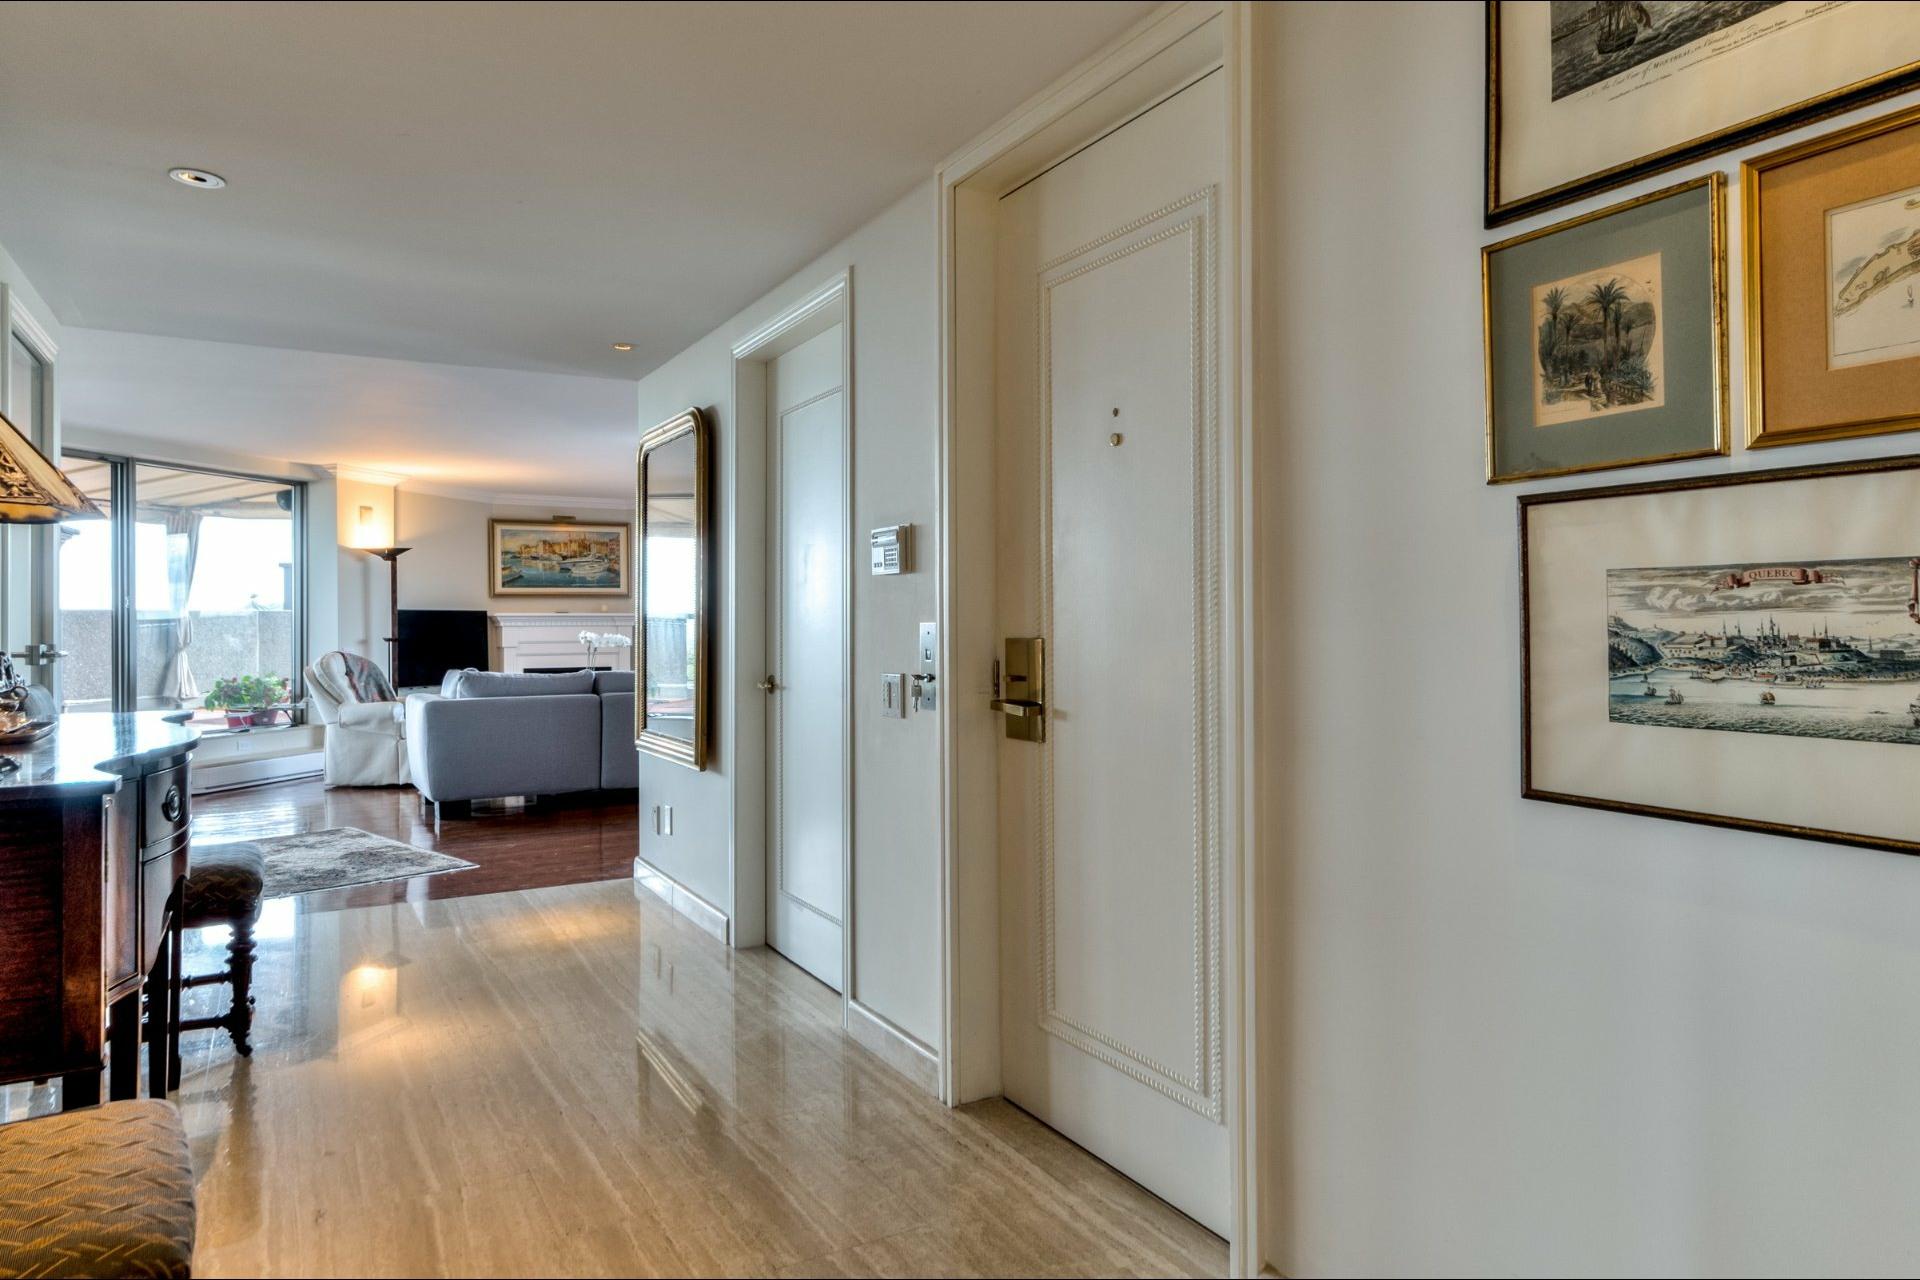 image 33 - Departamento En venta Côte-des-Neiges/Notre-Dame-de-Grâce Montréal  - 12 habitaciones